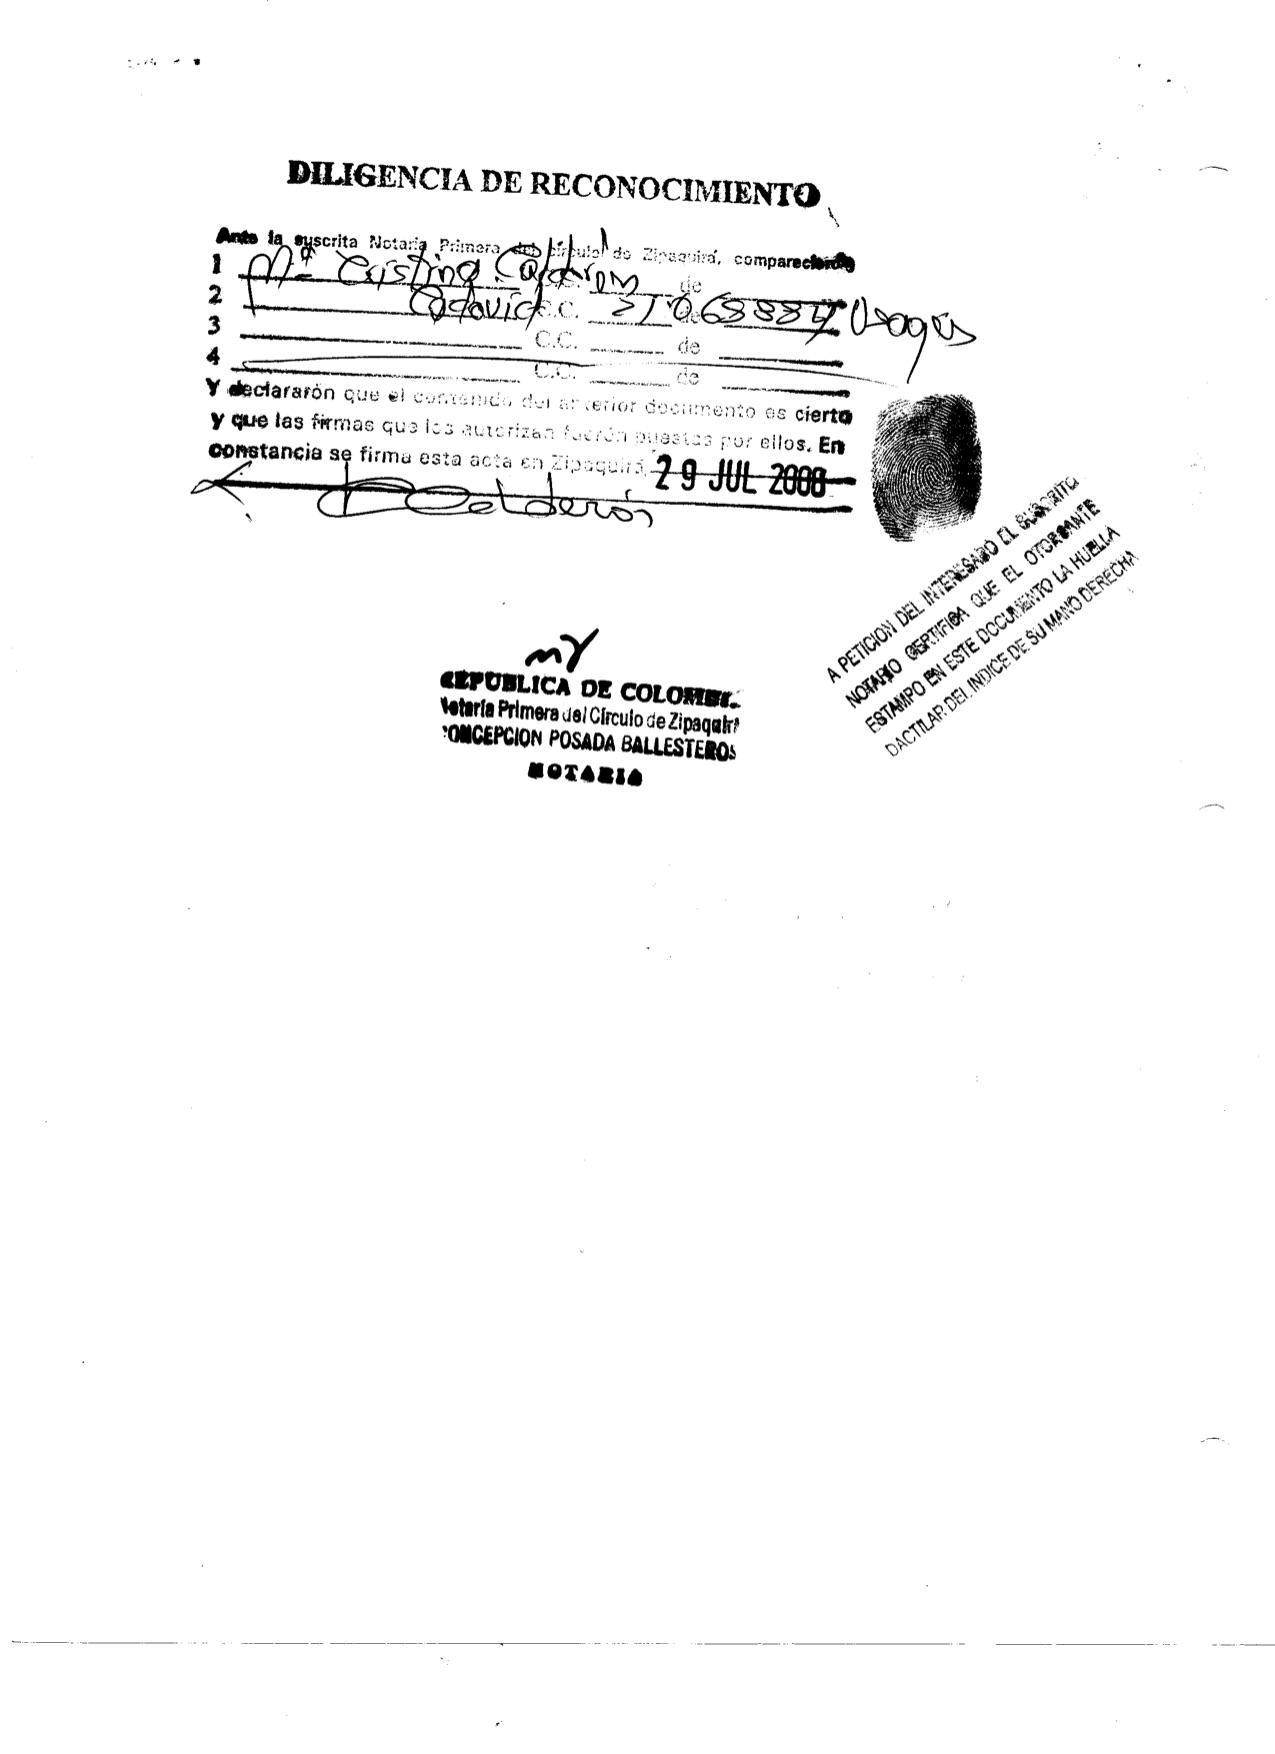 ACTA DE CONSTITUCION JUNTA DE ASOCIADOS N. 001-2 5